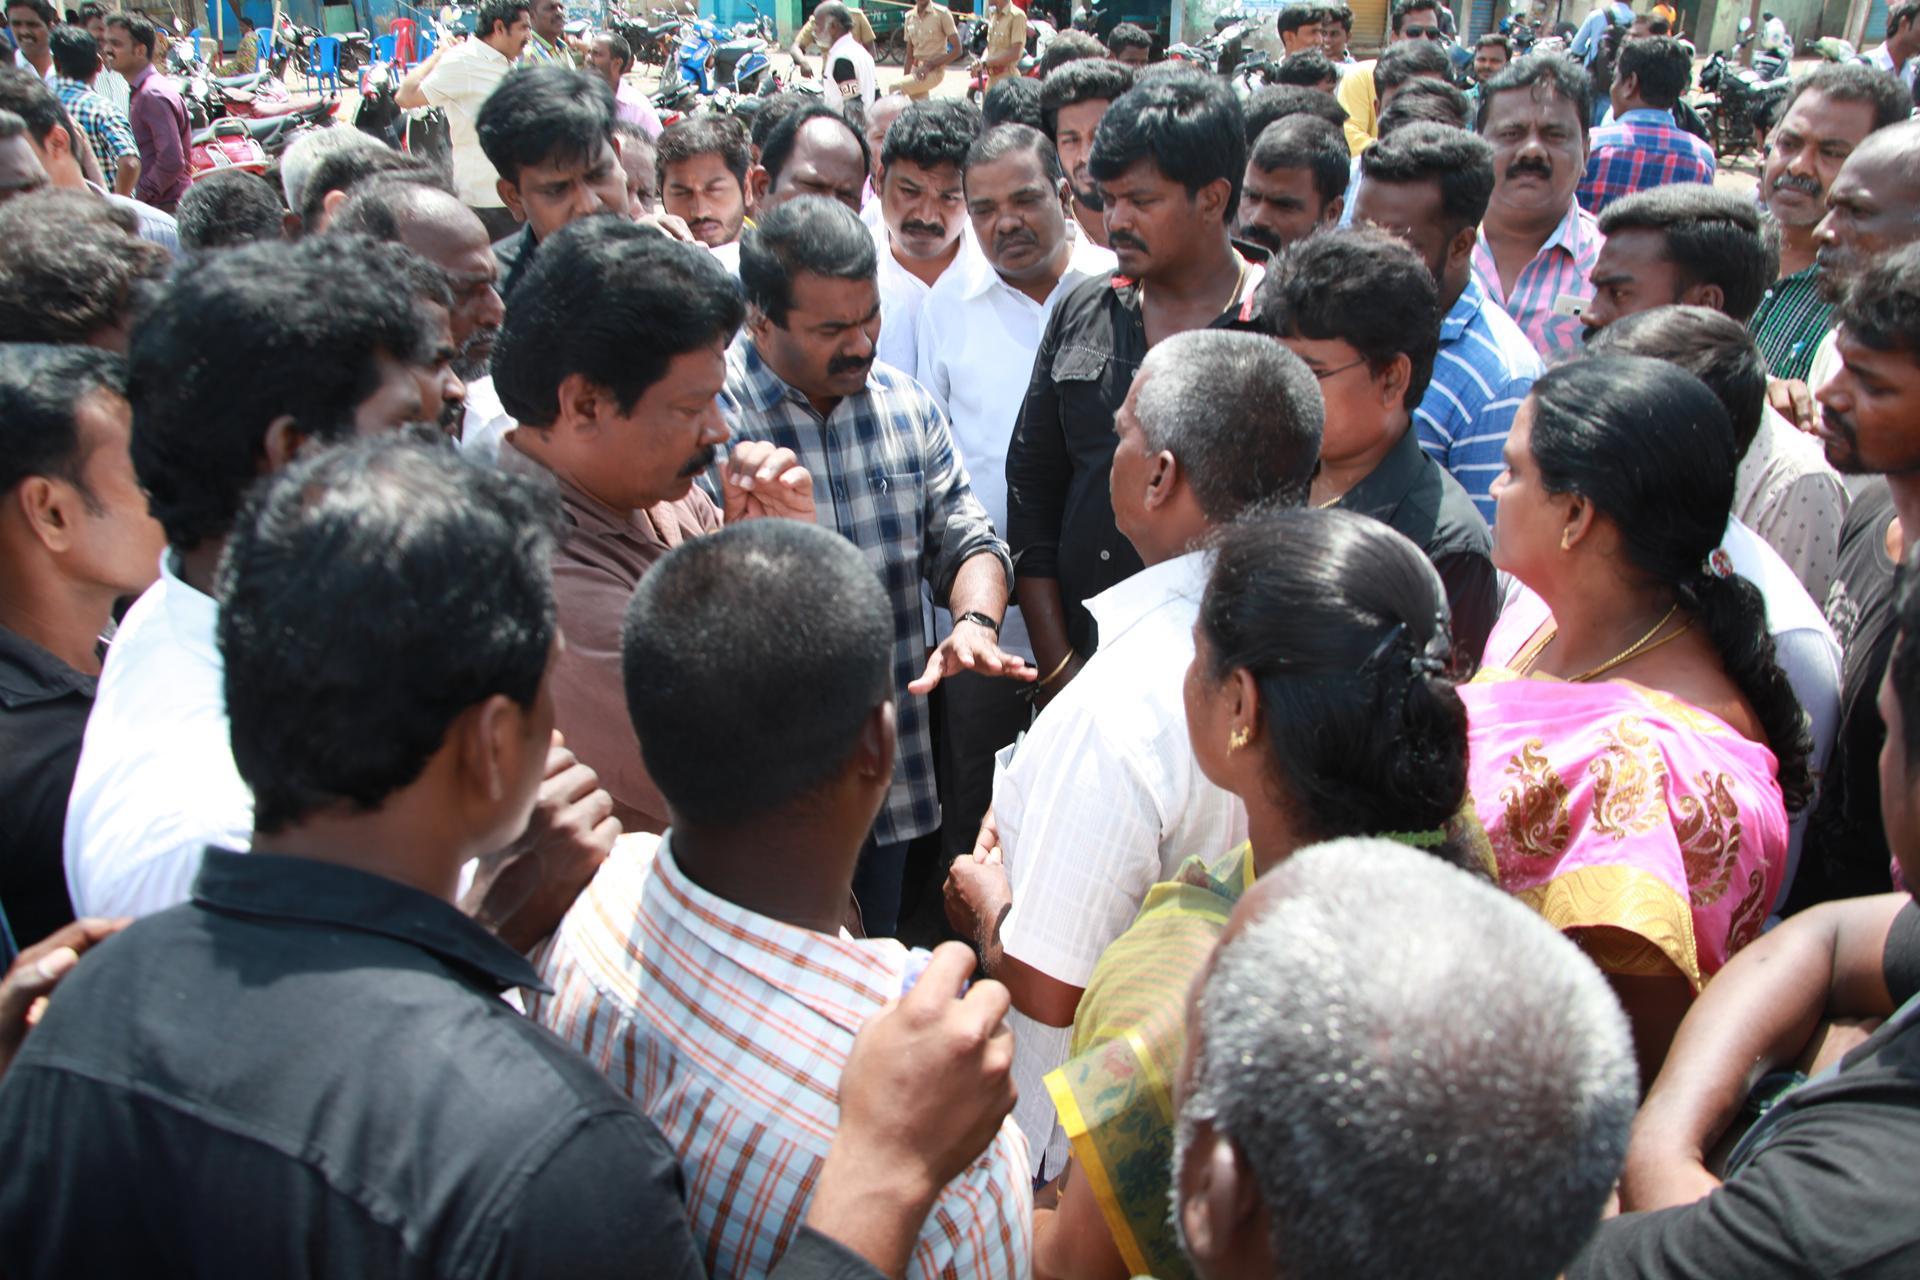 சீன எந்திரப் படகுகளுக்குத் தடைவிதிக்காவிட்டால் போராட்டம் தீவிரமடையும்! – சீமான் எச்சரிக்கை naam tamilar katchi seeman pressmeet china motor boat fishermen police attack kasimedu1 2